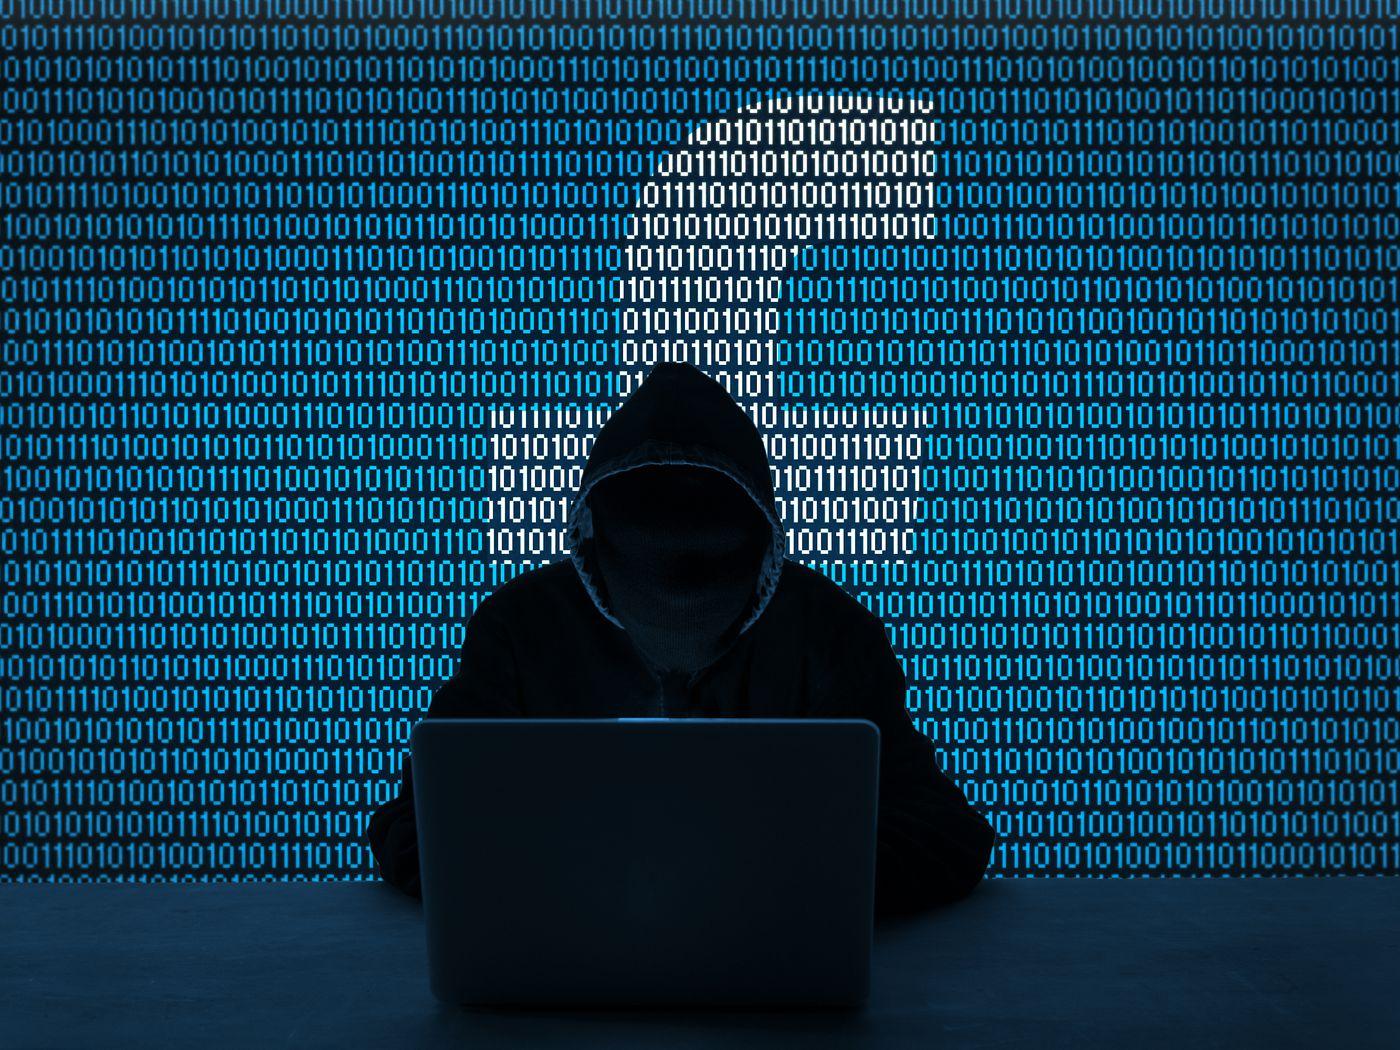 Китайские хакеры похитили у пользователей Facebook $4 млн